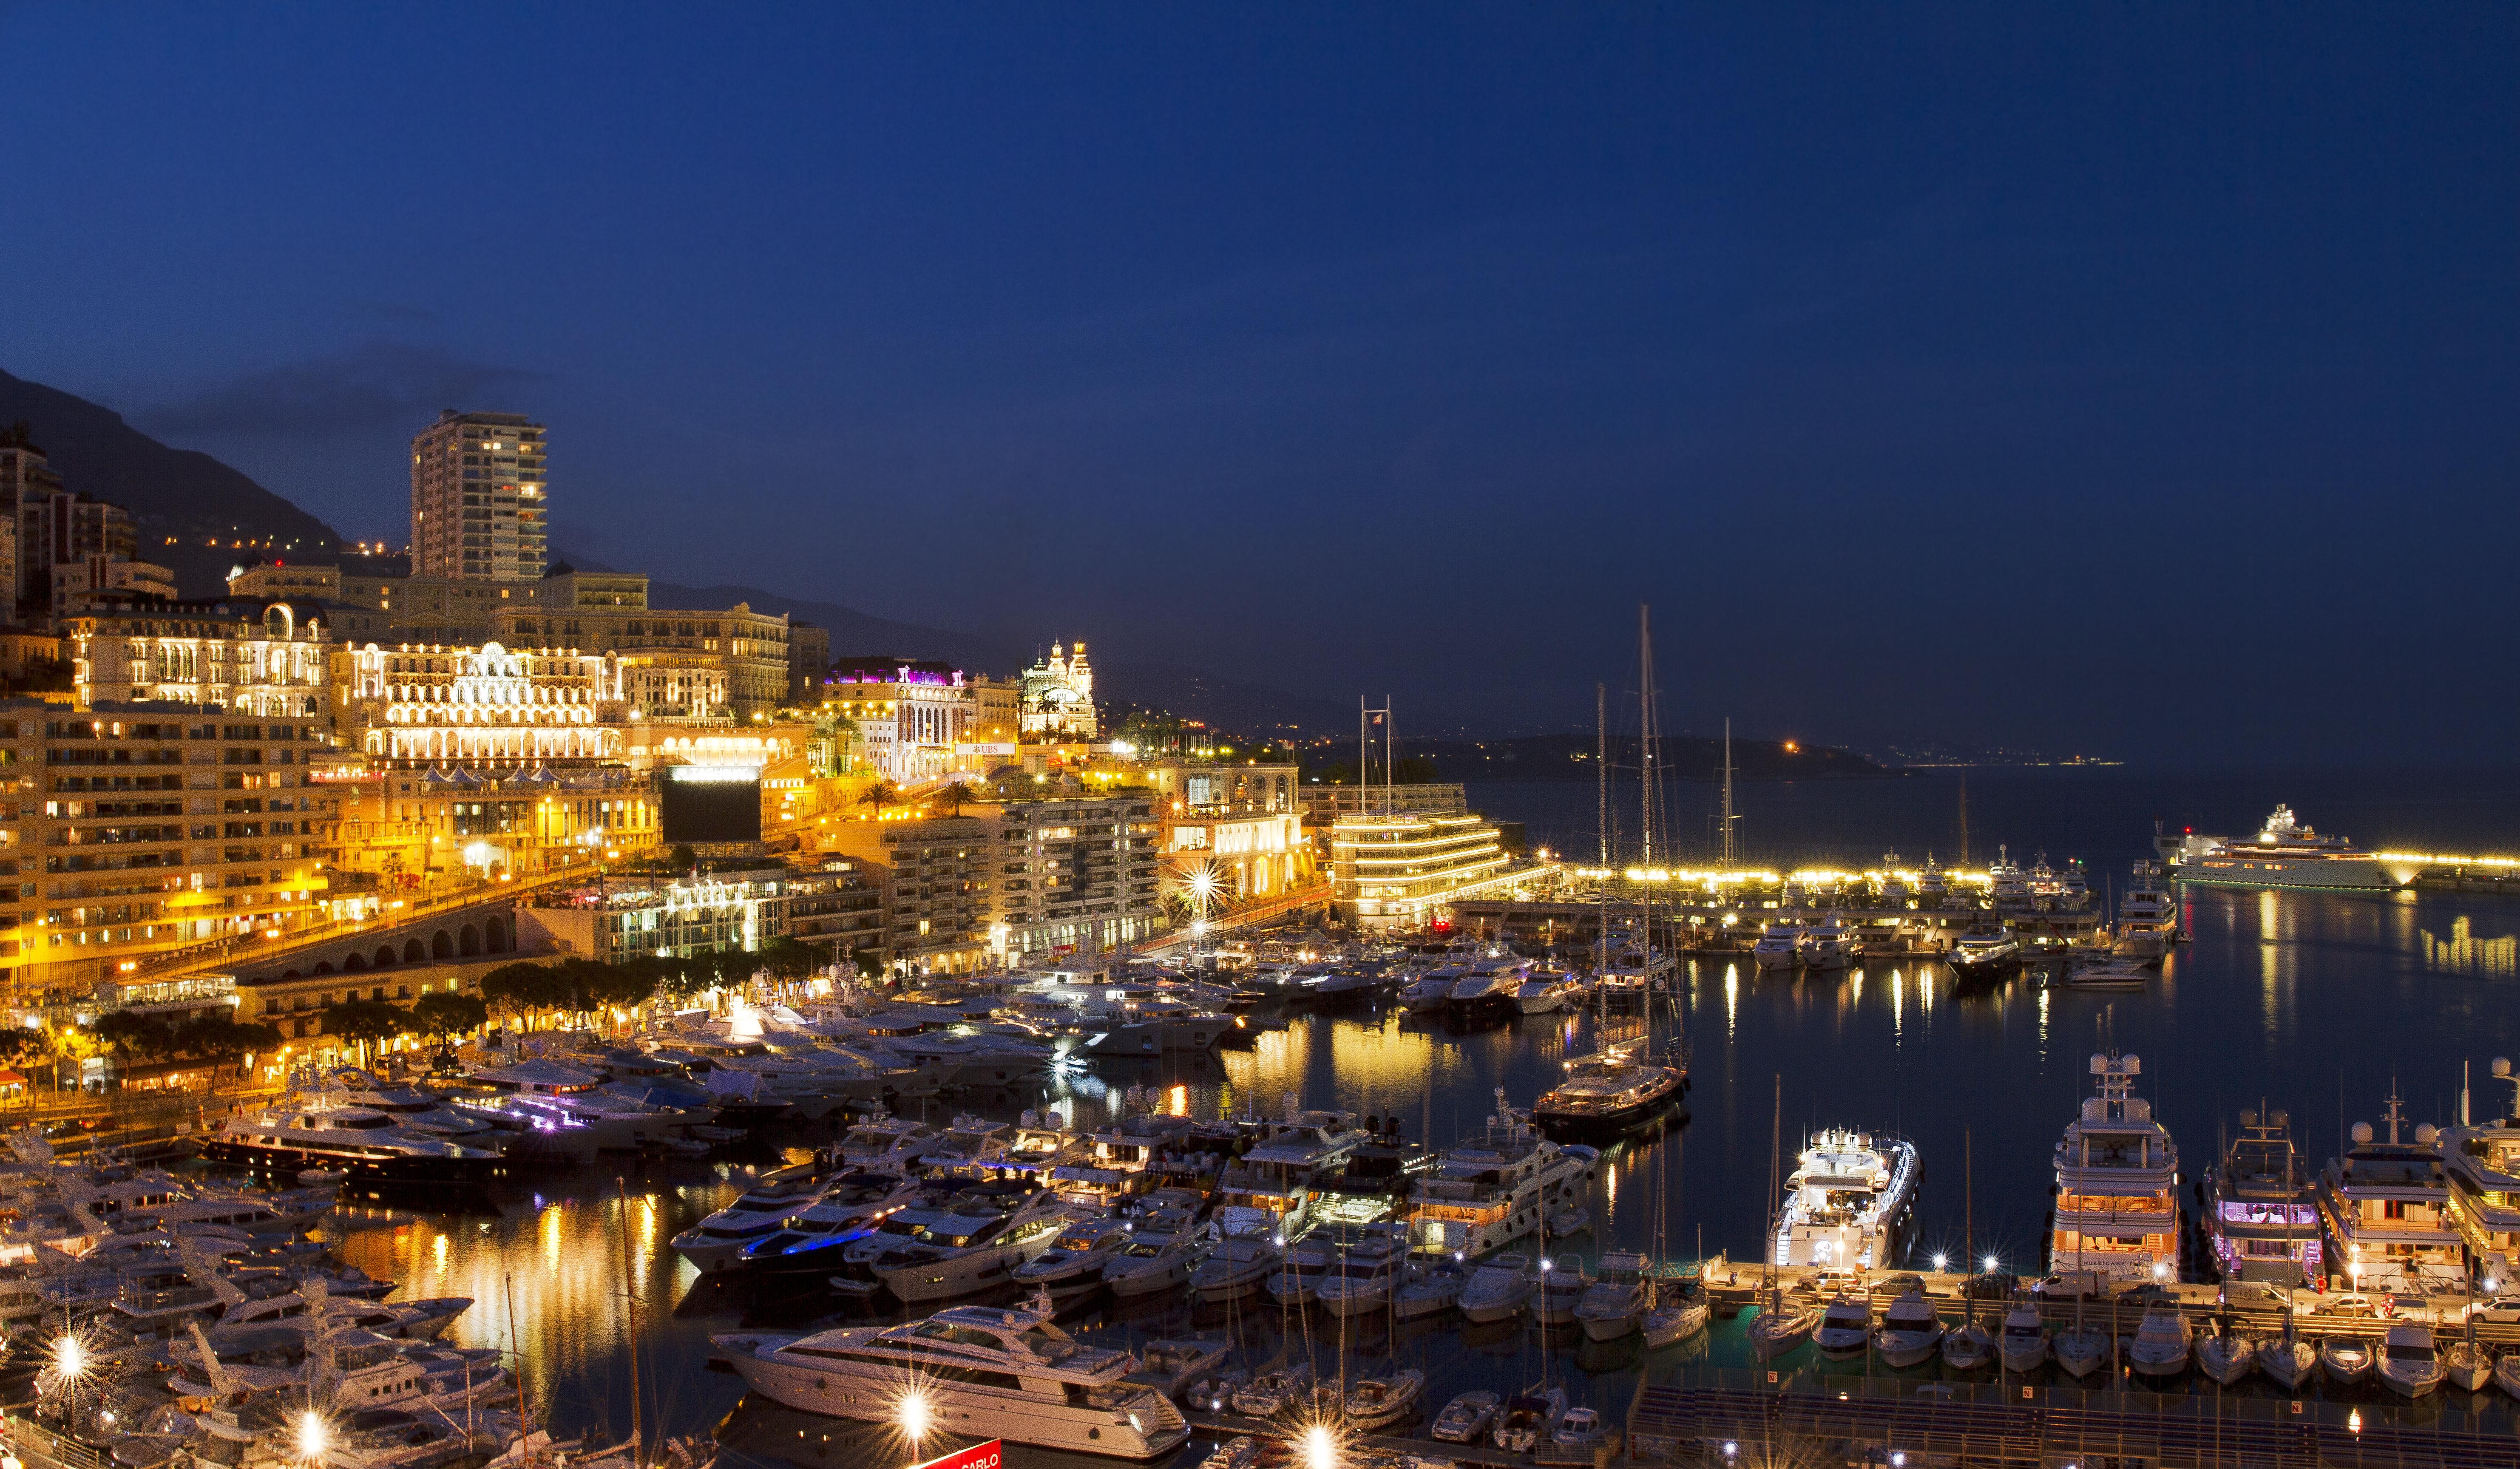 Monaco Pier